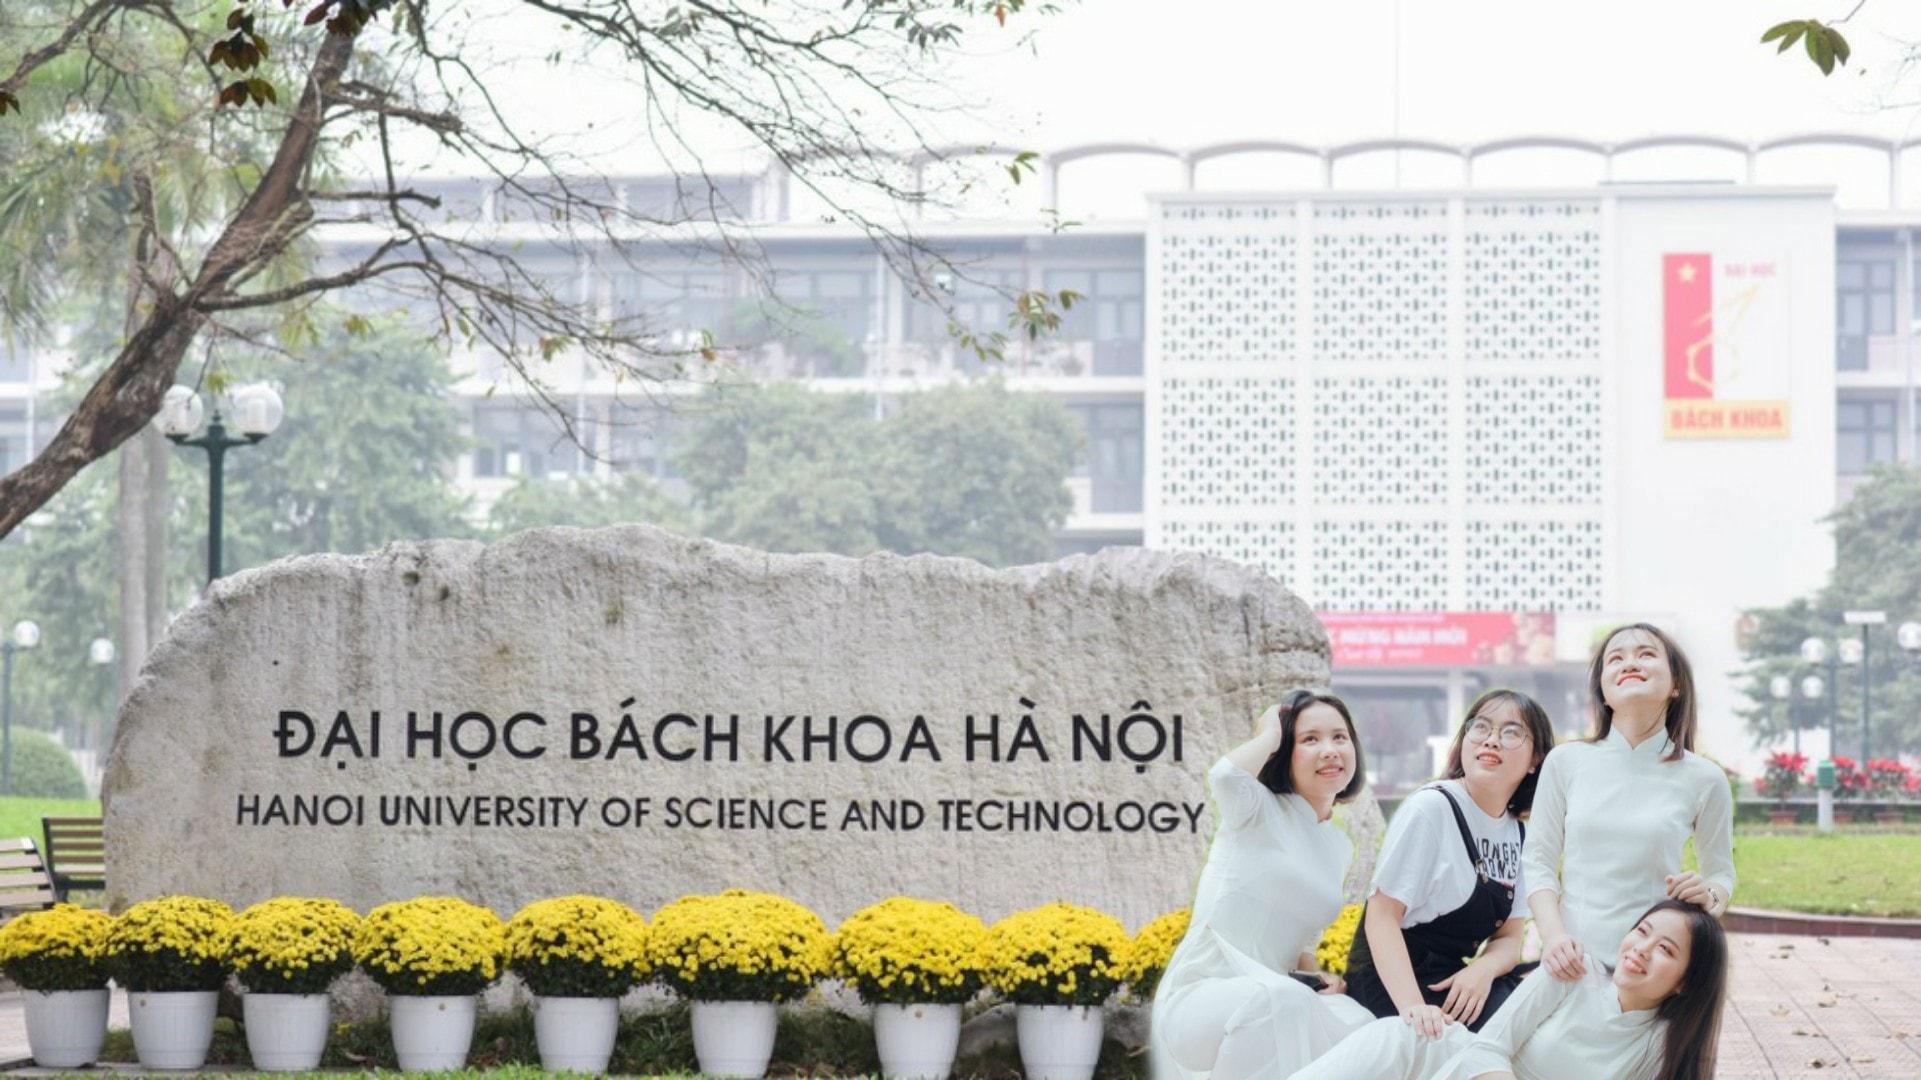 4 nữ sinh xinh đẹp cùng đỗ vào 7 trường đại học cực khủng ở Hà Nội, ai cũng phải choáng cho đến khi phát hiện ra một điều lạ - Ảnh 1.